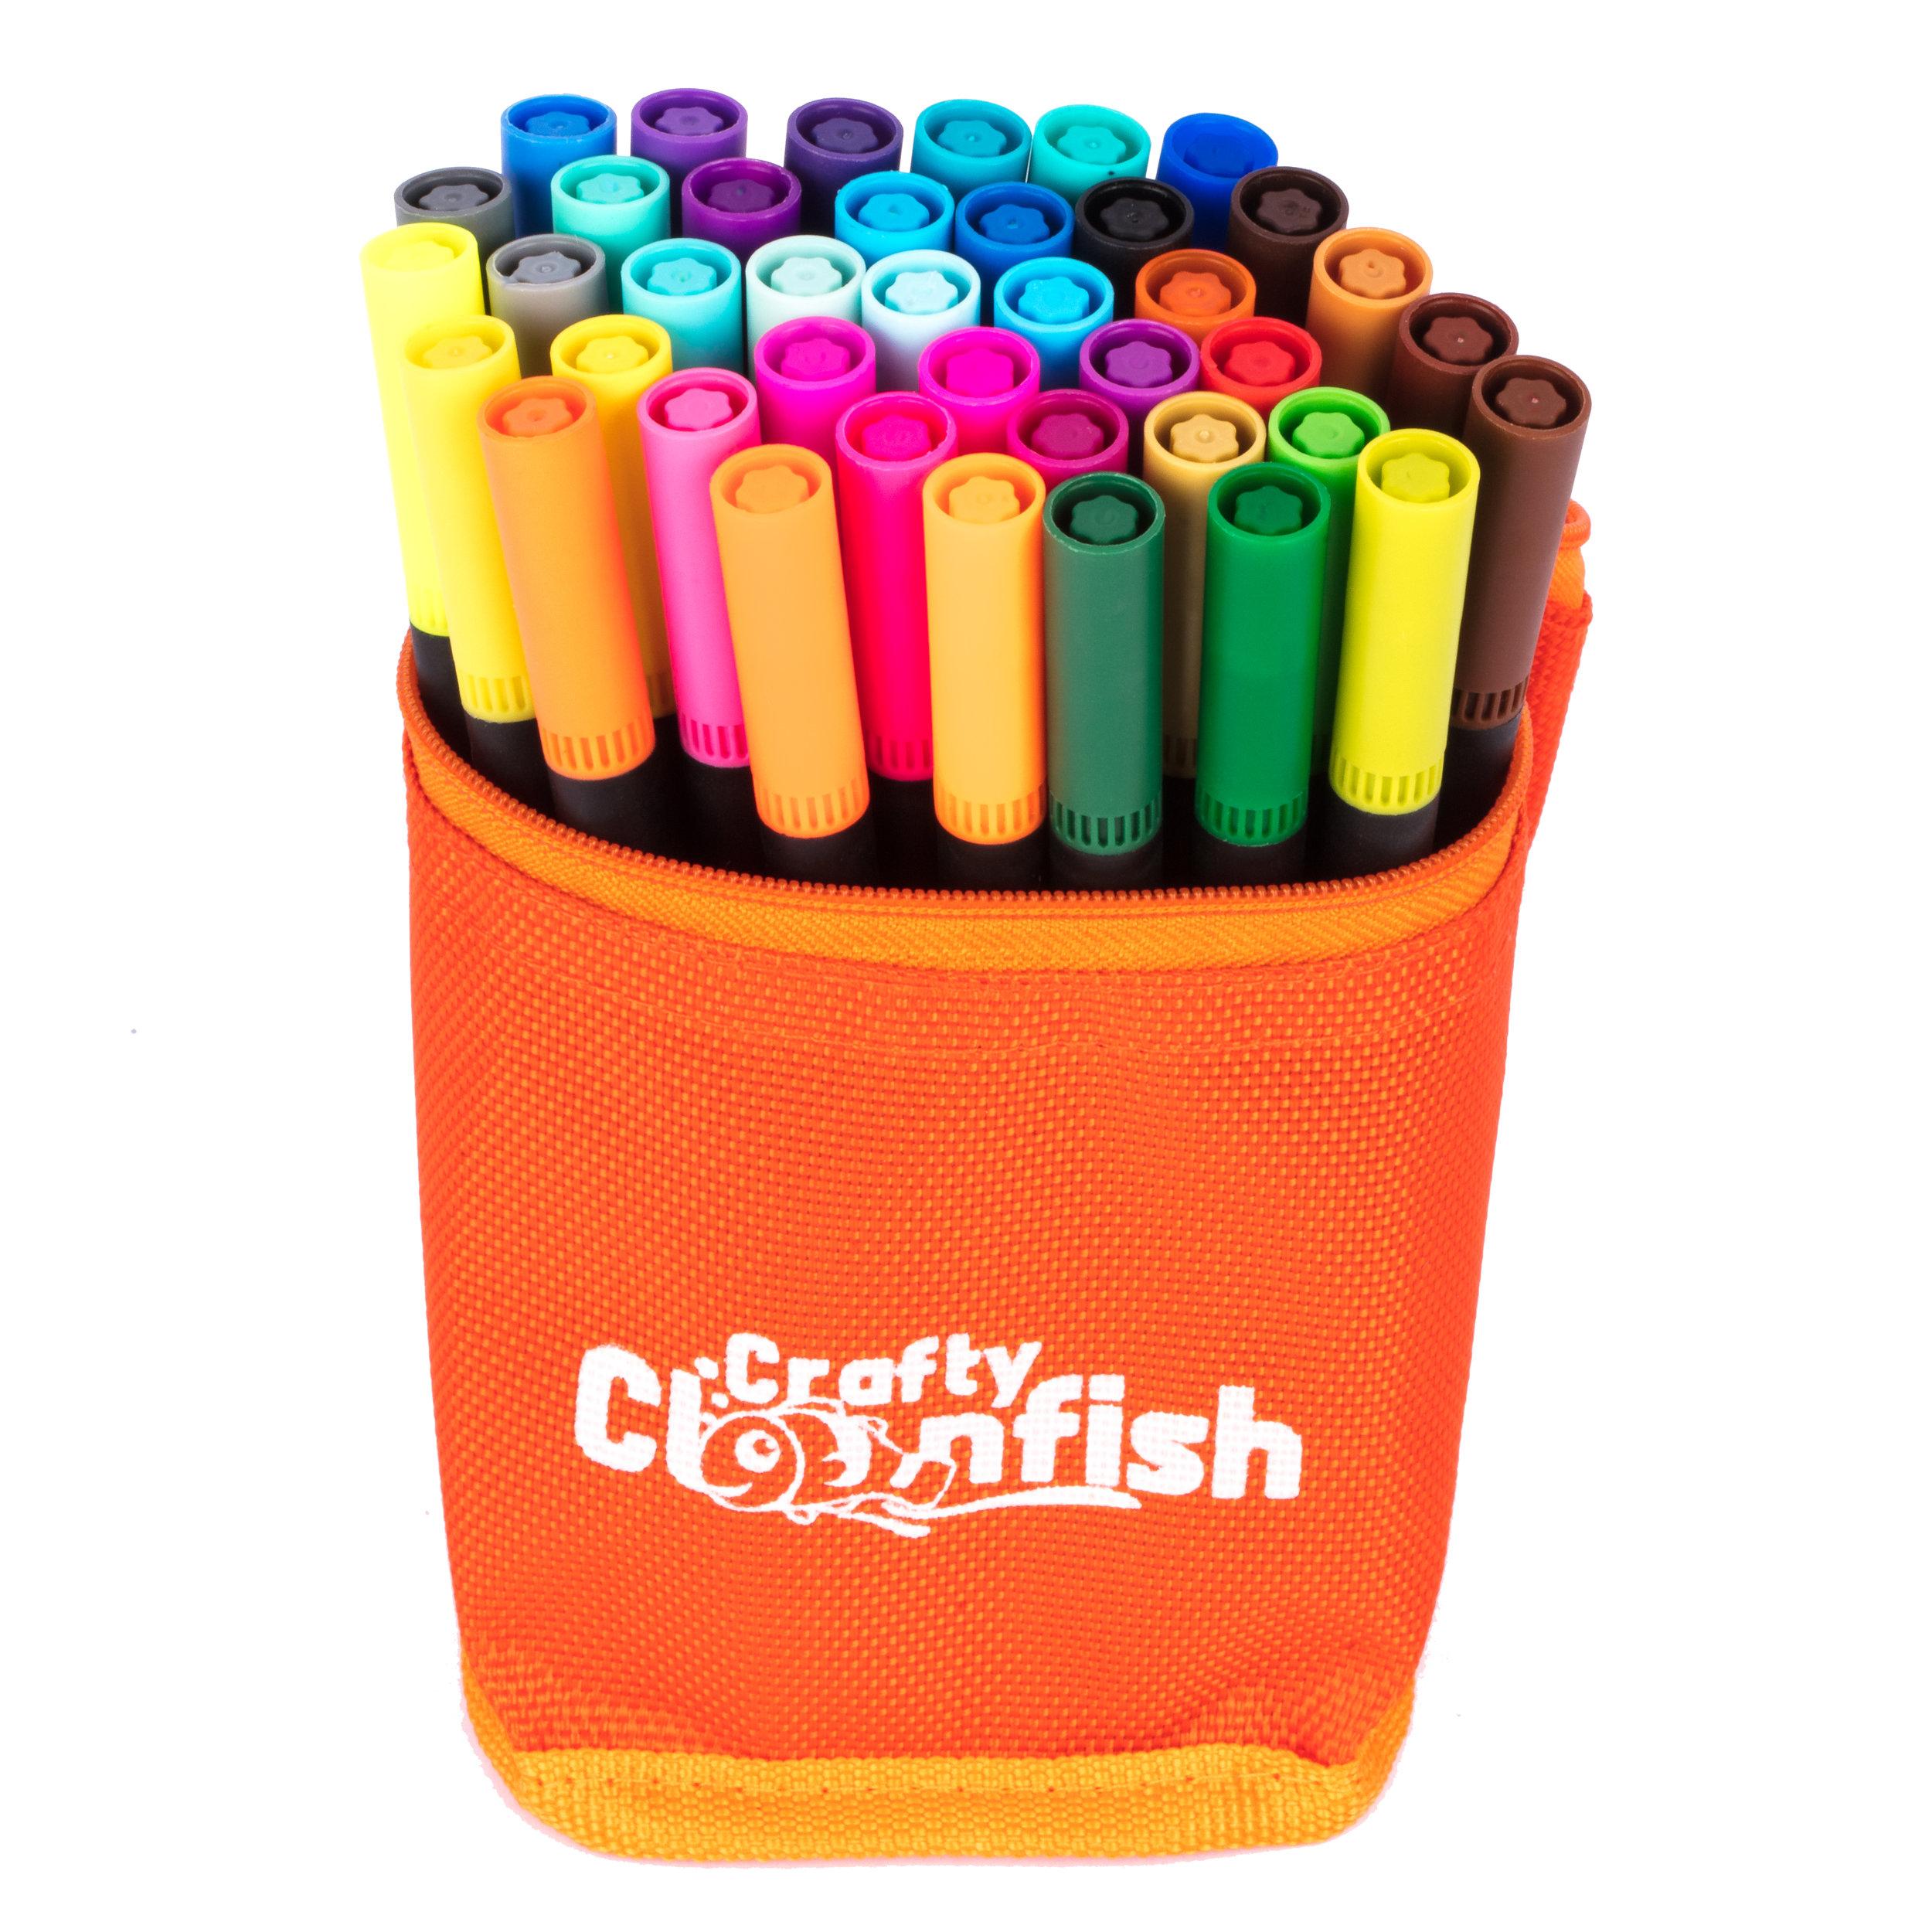 2017-10-04_Crafty-Clownfish_14.jpg